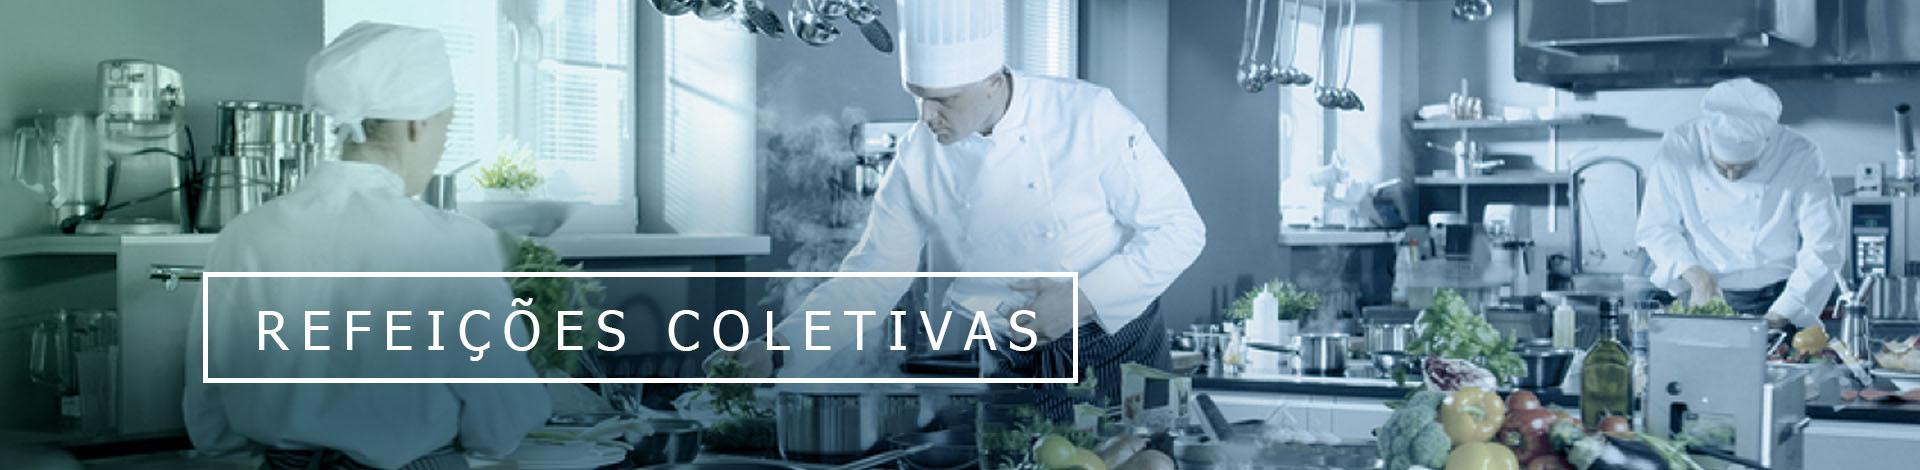 abertura_refeicoes_coletivas